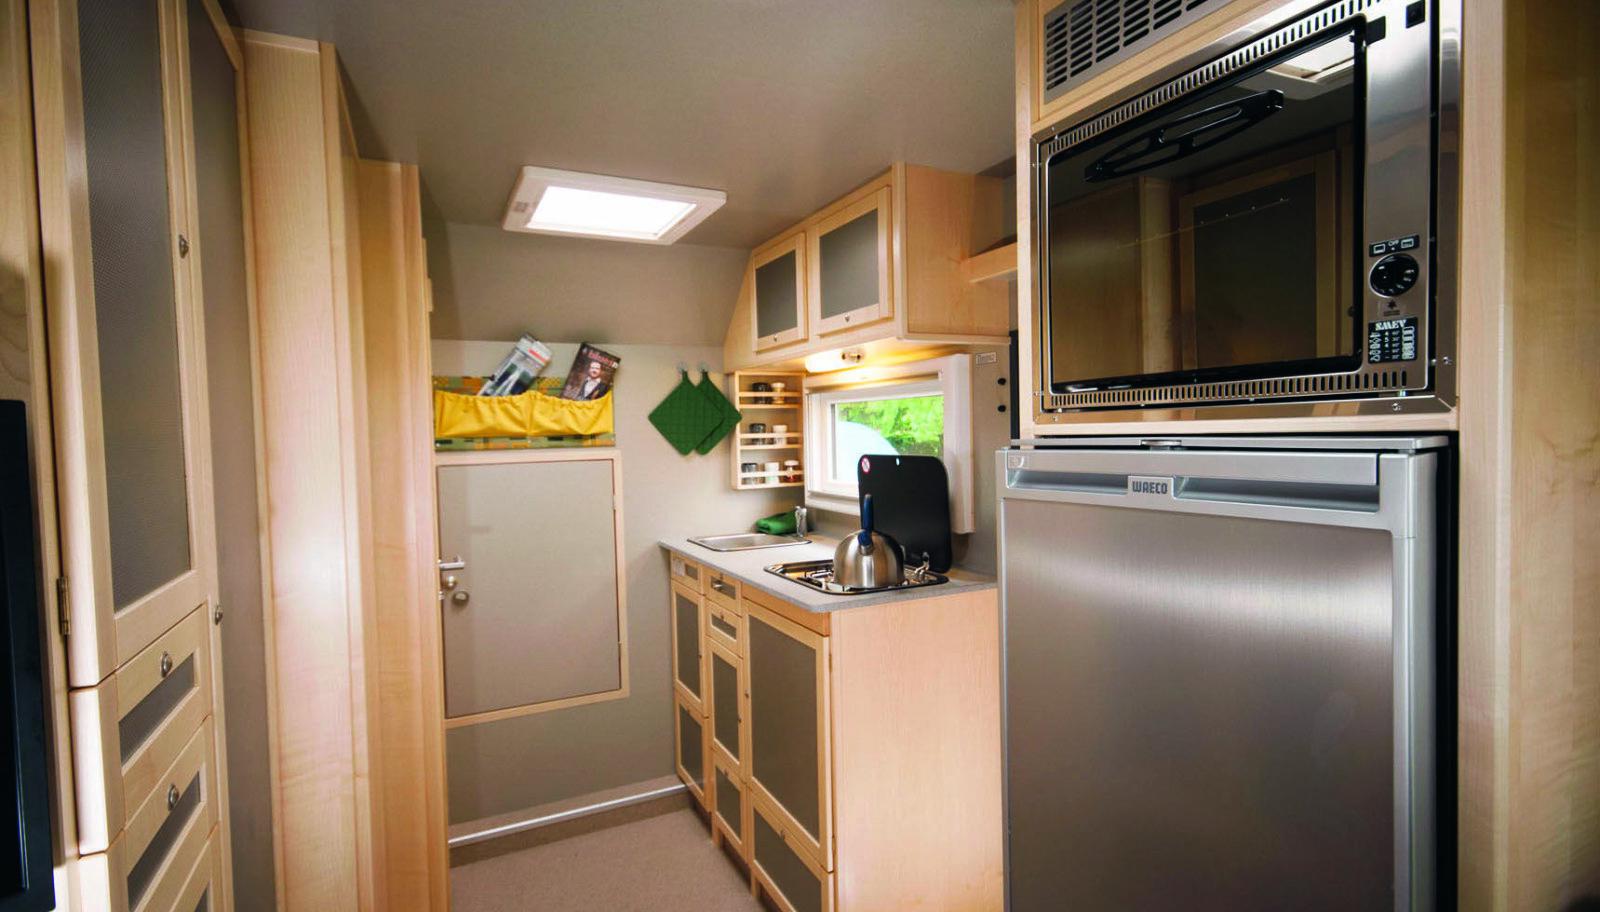 LUKSUS: Kjøkken med arbeidsplate i naturstein, 110-liters kjøleskap, fryseboks, og stekeovn.